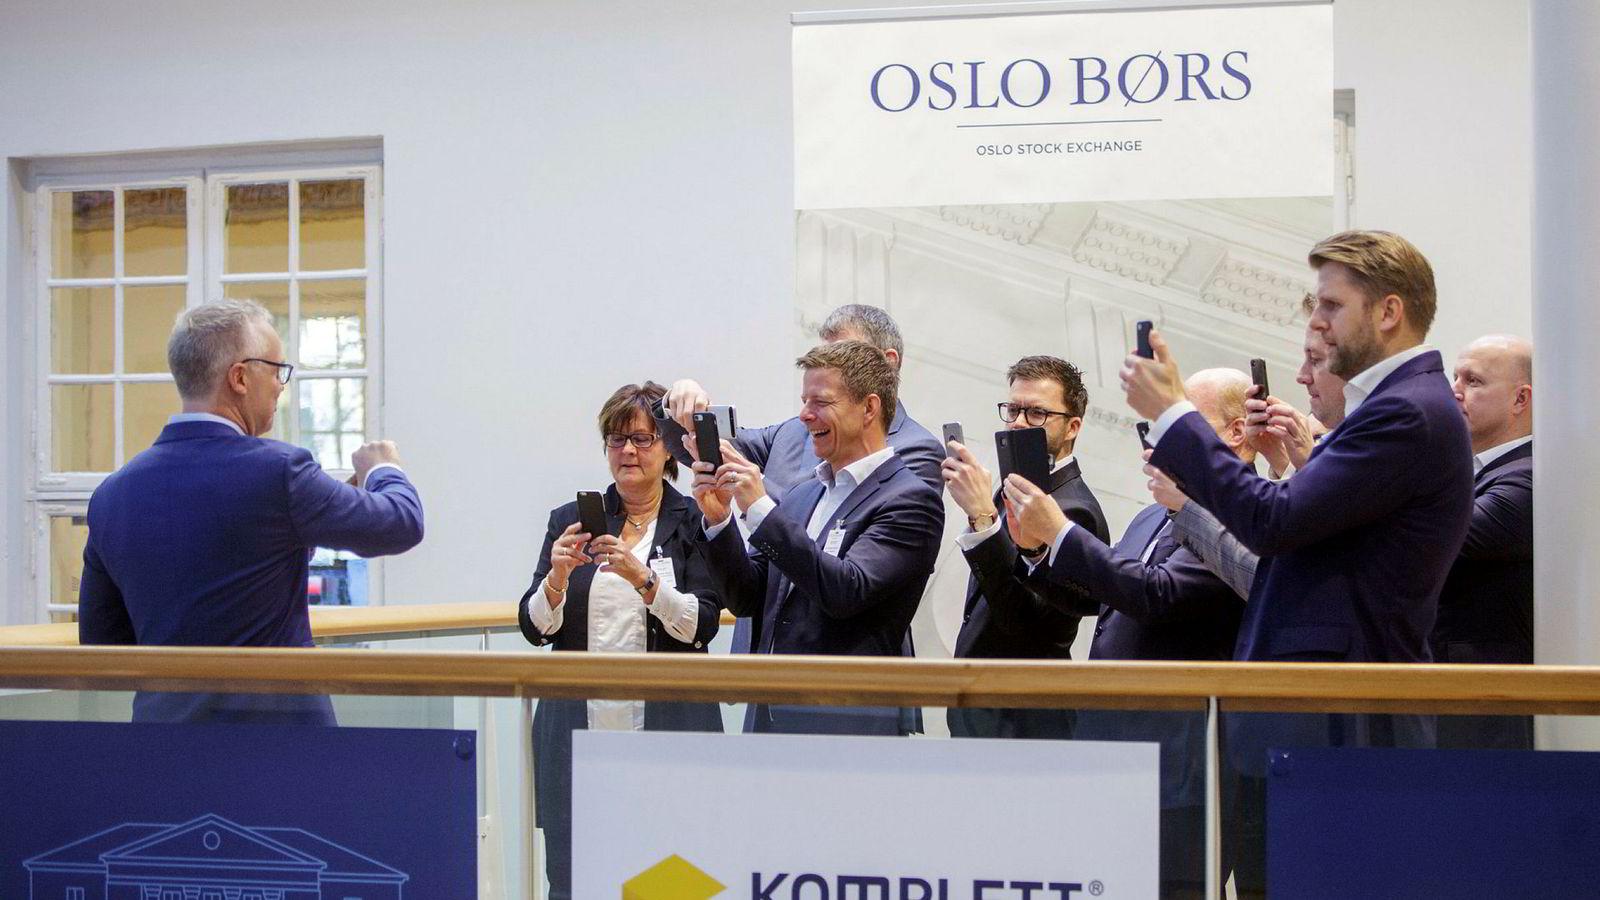 Fra børsnoteringen av Komplett Bank i november 2017. Dagens toppsjef, Jan Haglund, fremst i rekken av fotografer av tidligere konsernsjef Raimond Pettersen.